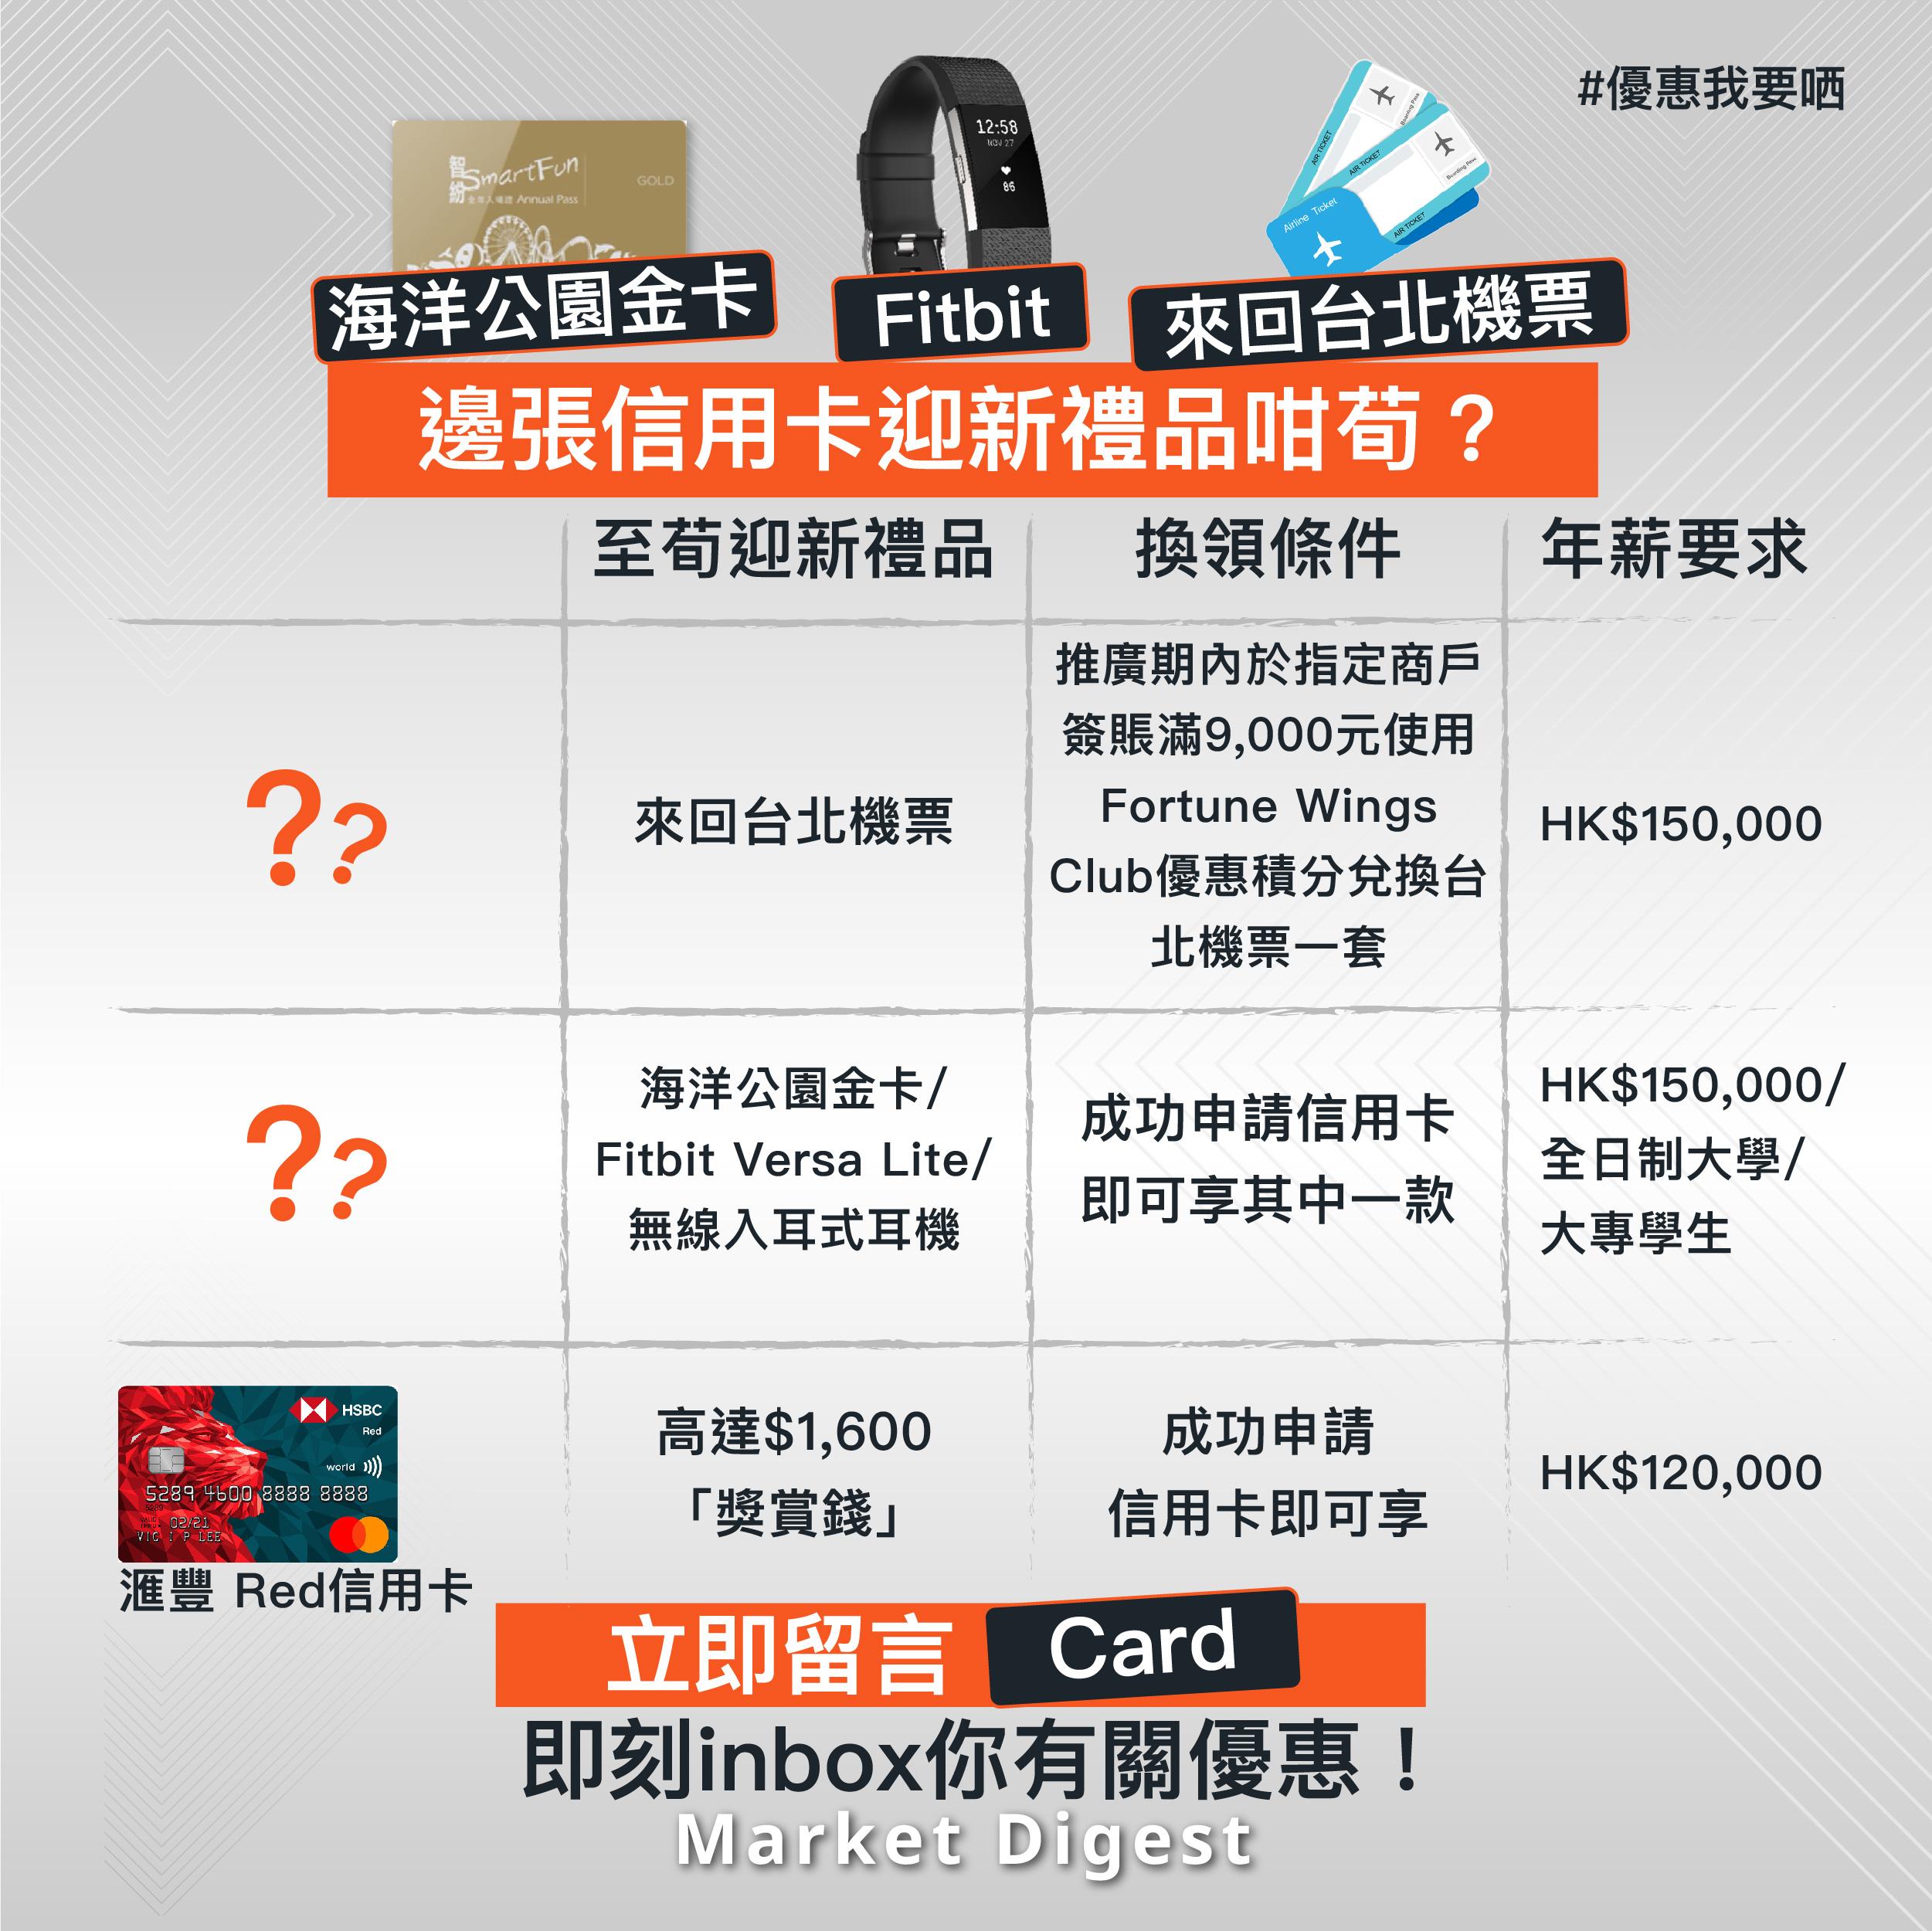 【優惠我要晒】海洋公園金卡.Fitbit.來回台北機票  邊張信用卡迎新禮品咁荀?